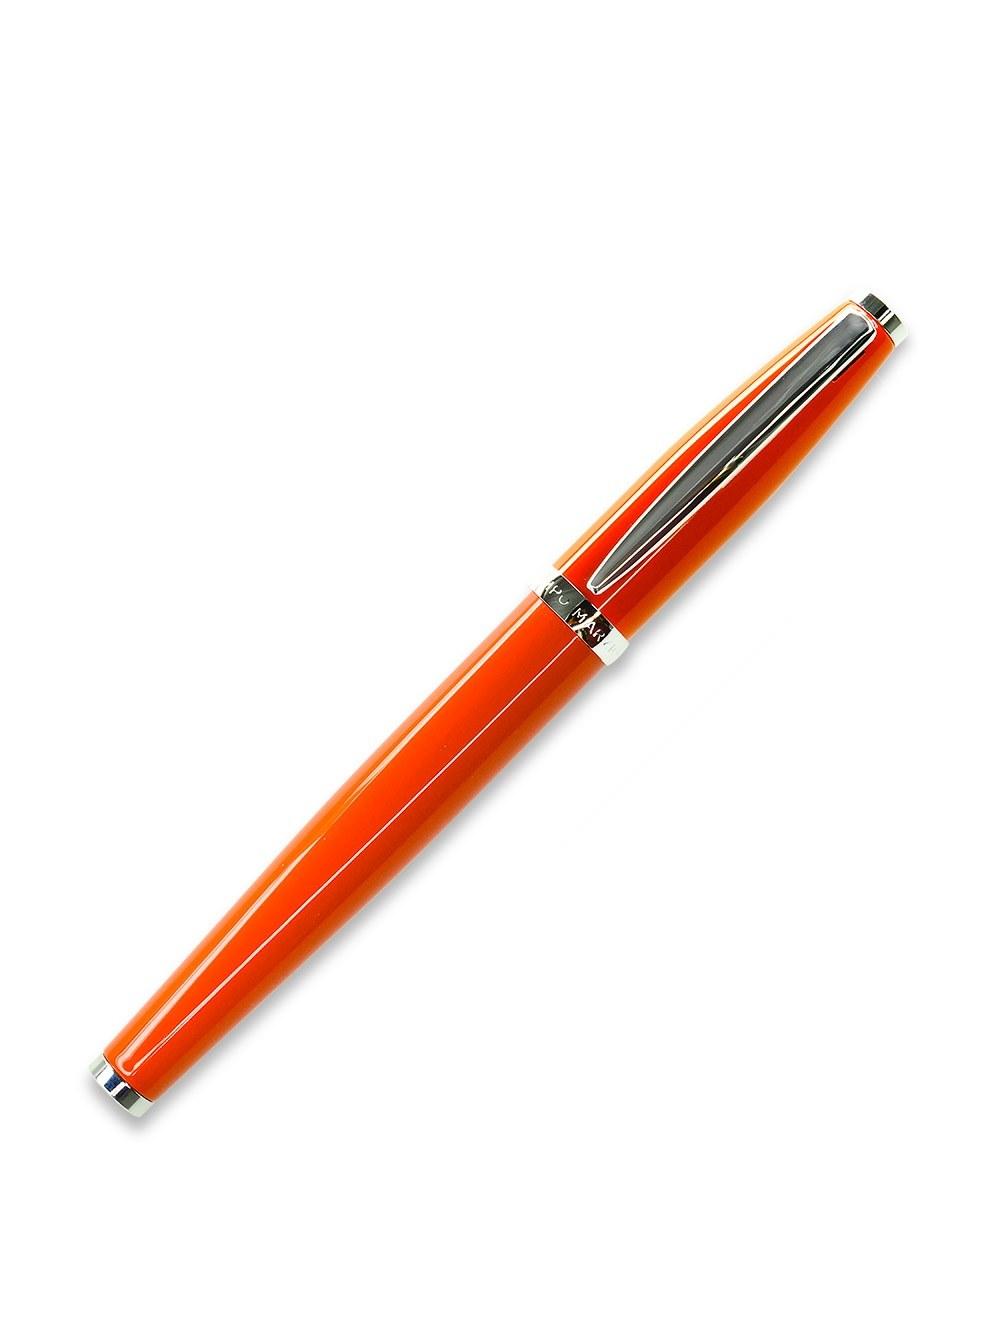 Shiny Fountain Pen